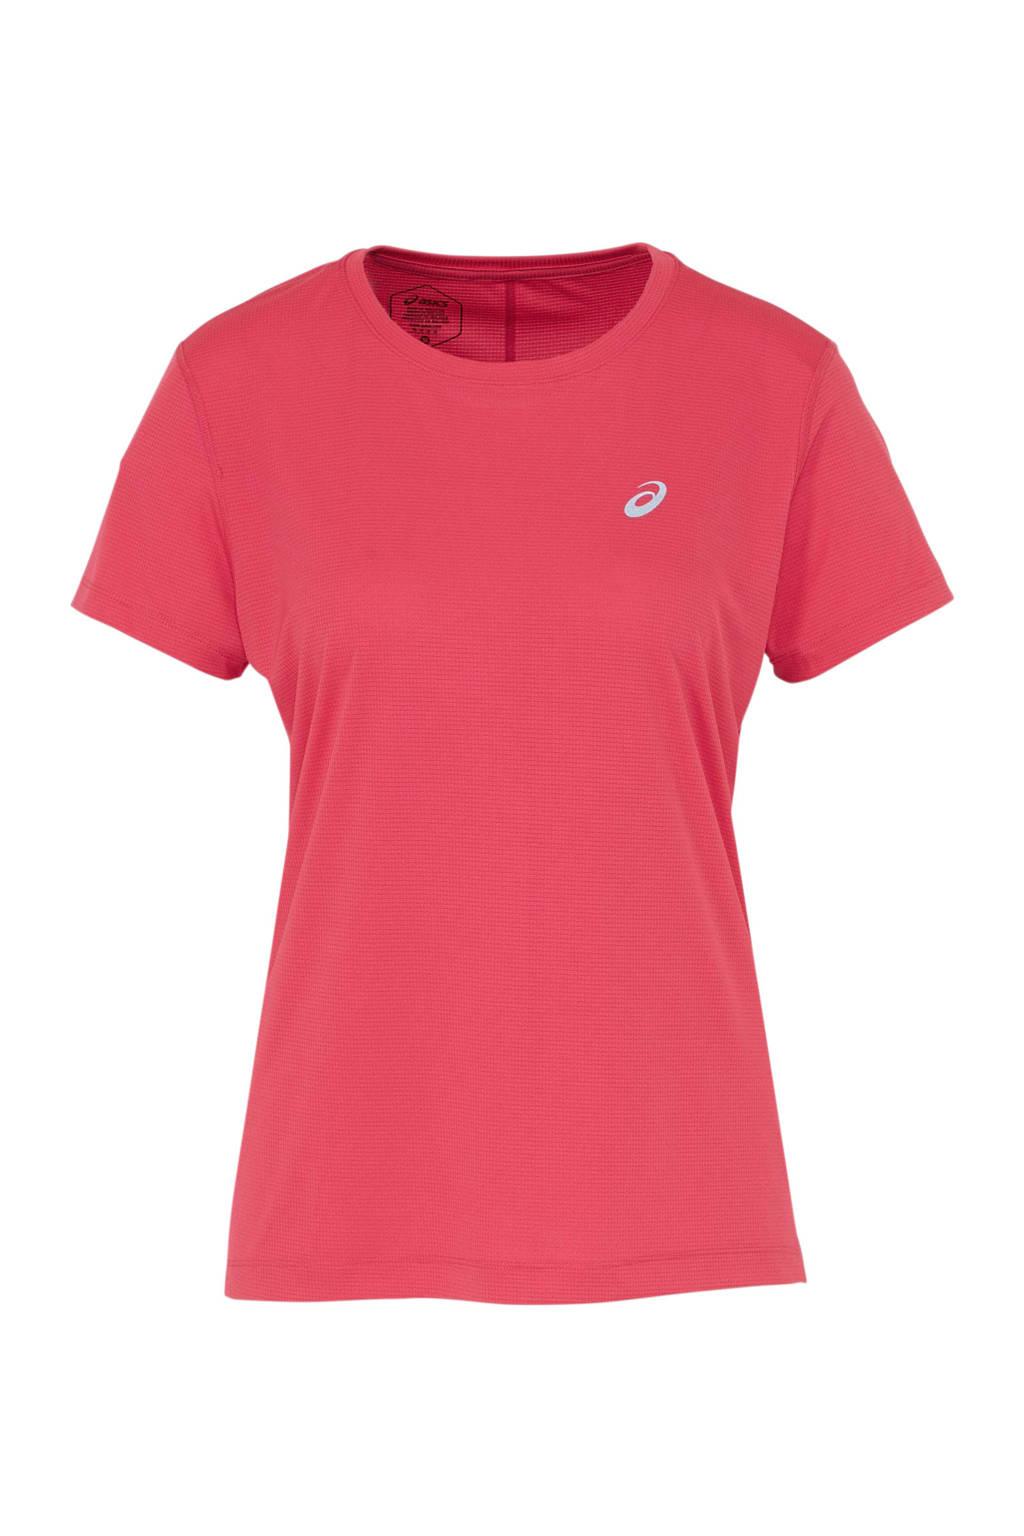 ASICS hardloopshirt roze, Roze